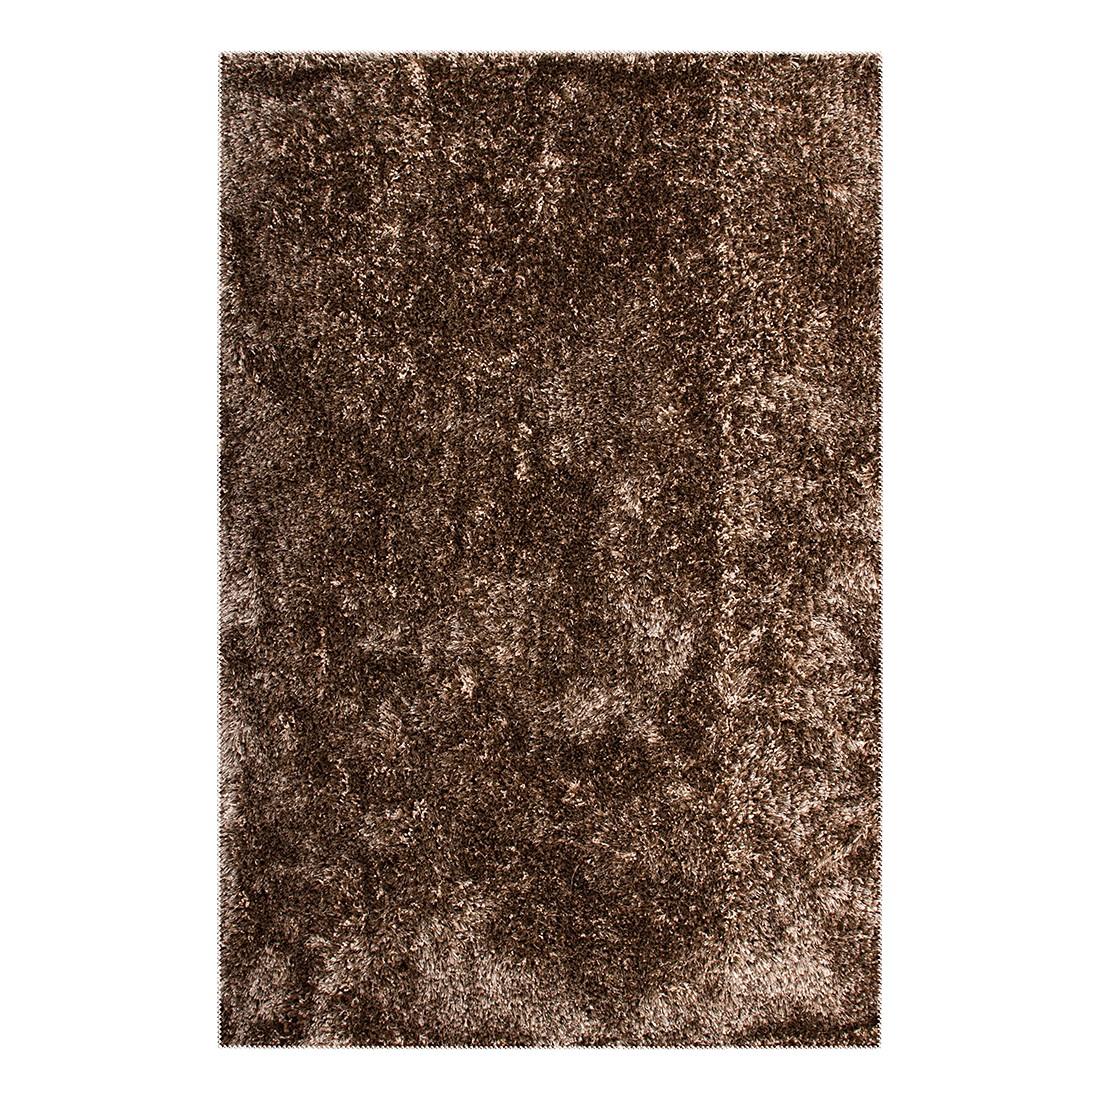 Teppich Monaco – Braun – 200 x 290 cm, Kayoom bestellen